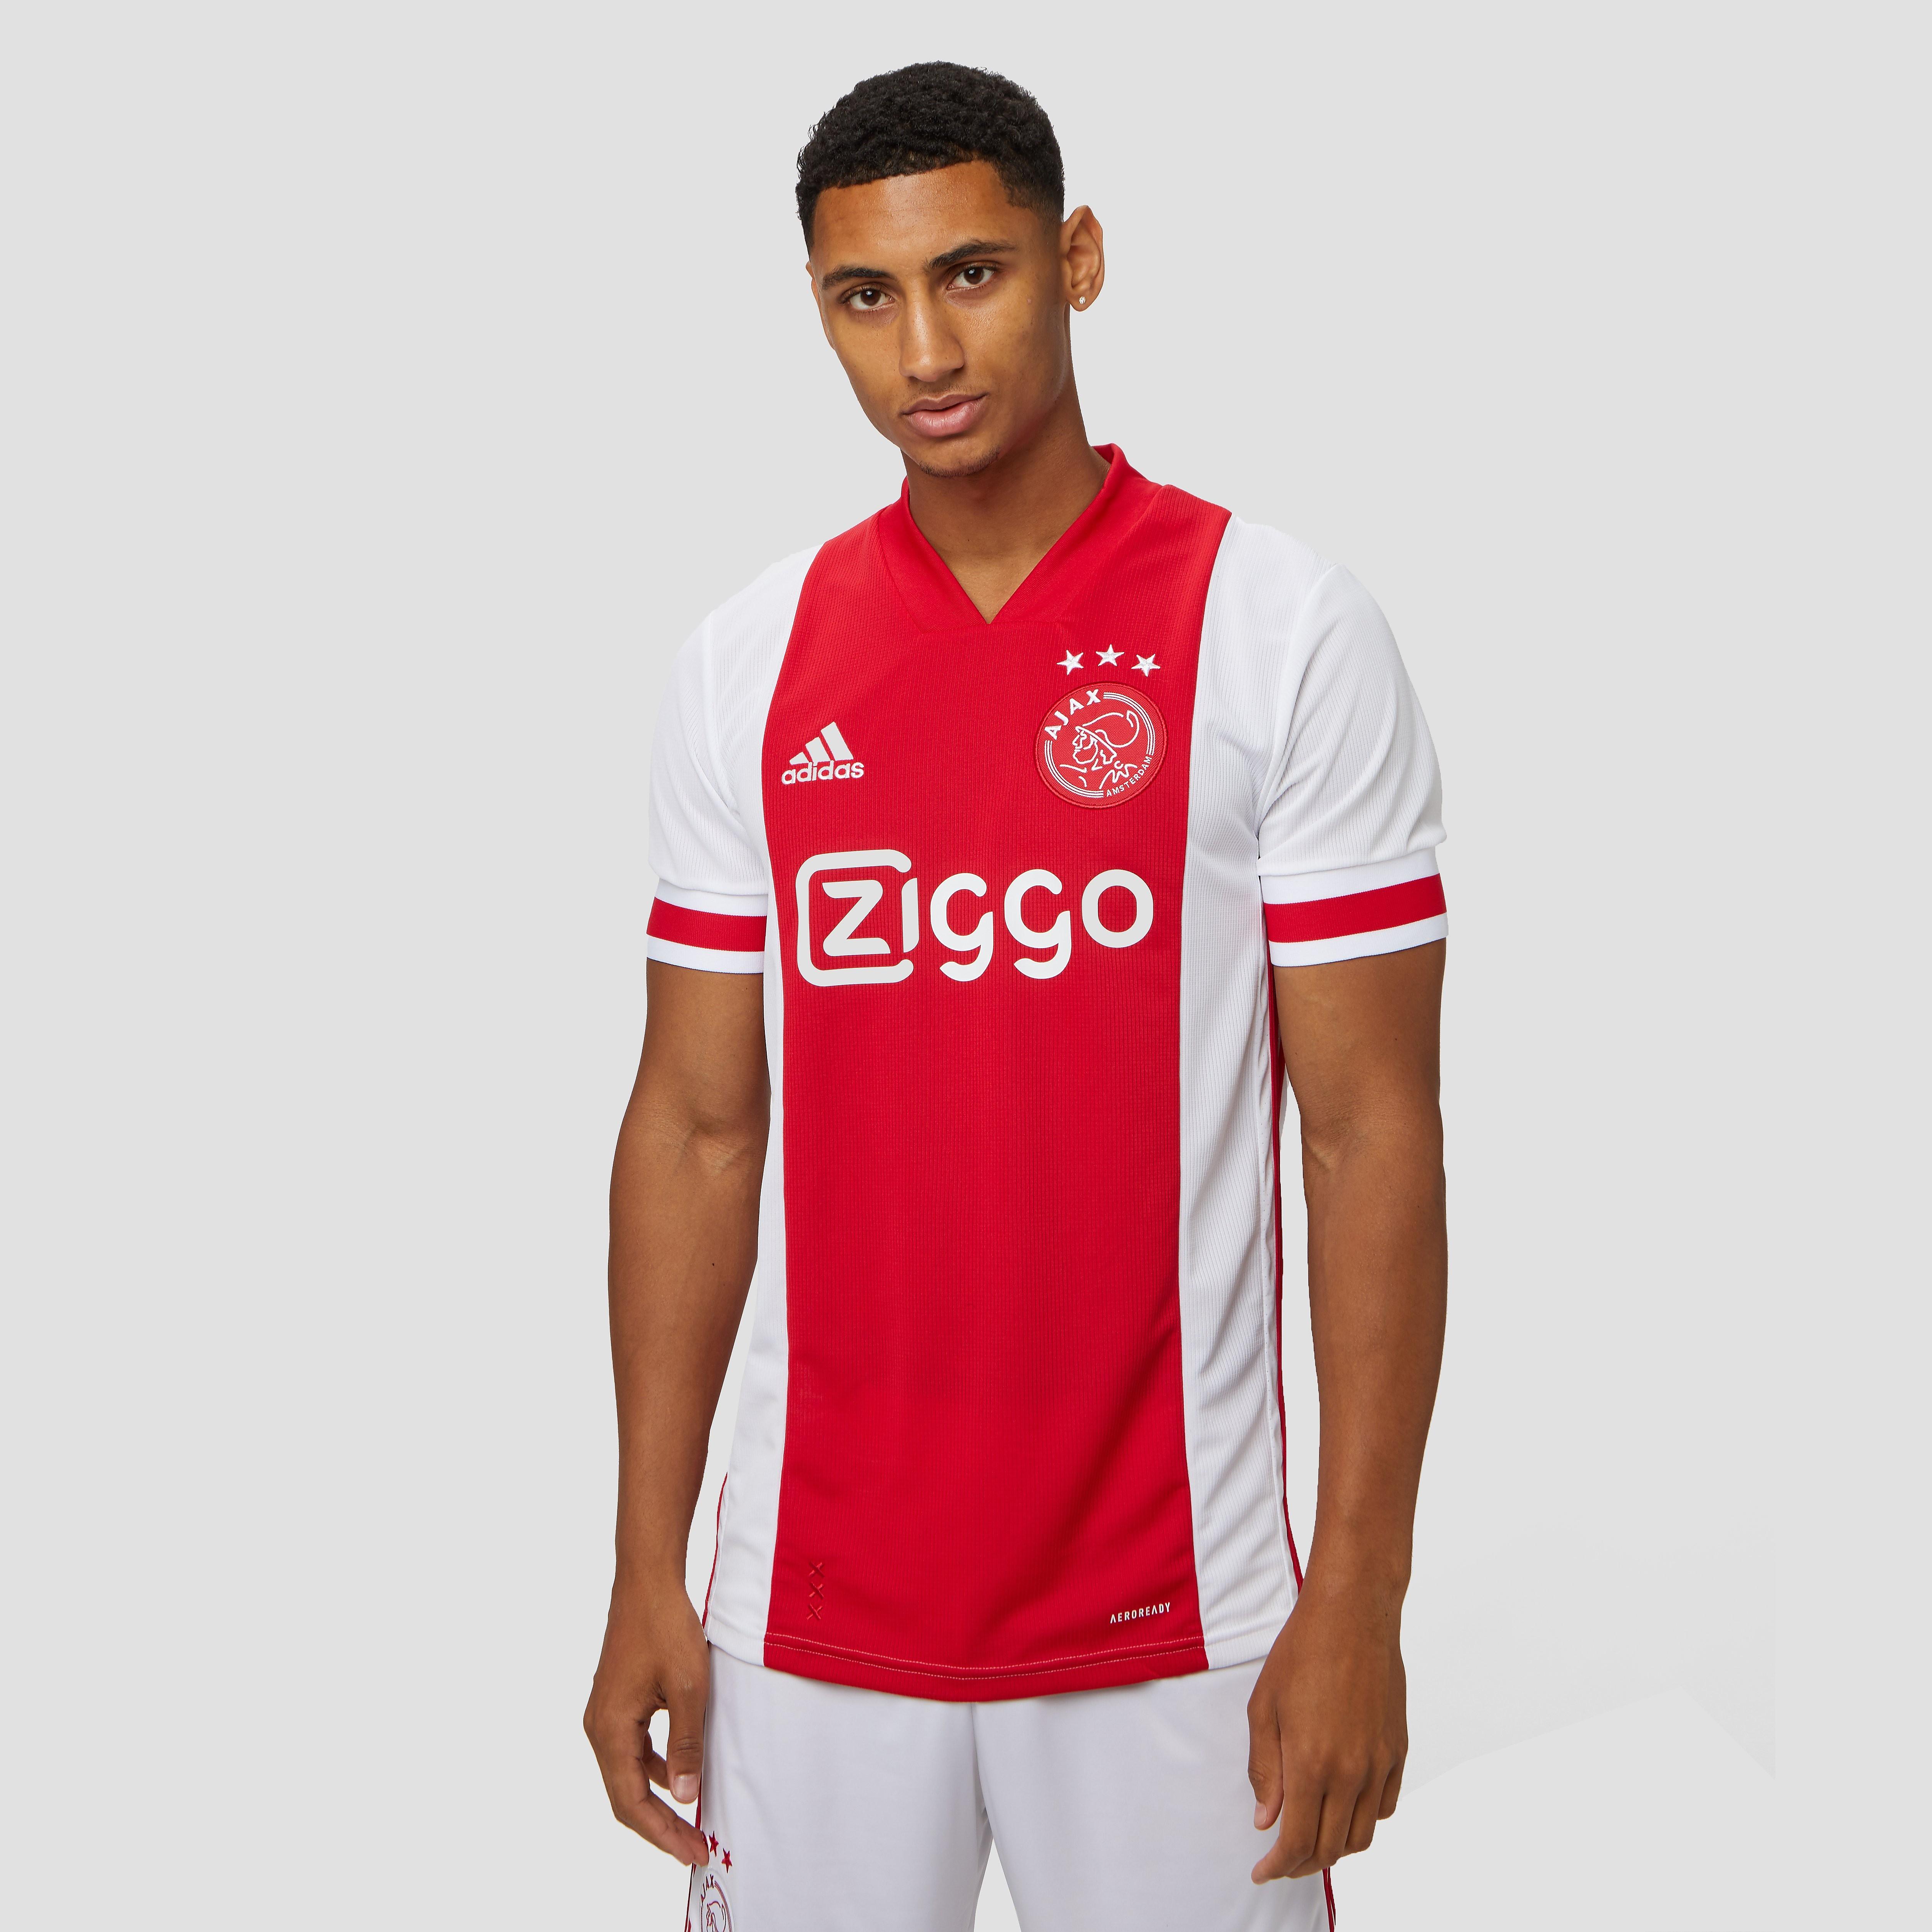 adidas Afc ajax thuisshirt 20-21 wit-rood heren Heren